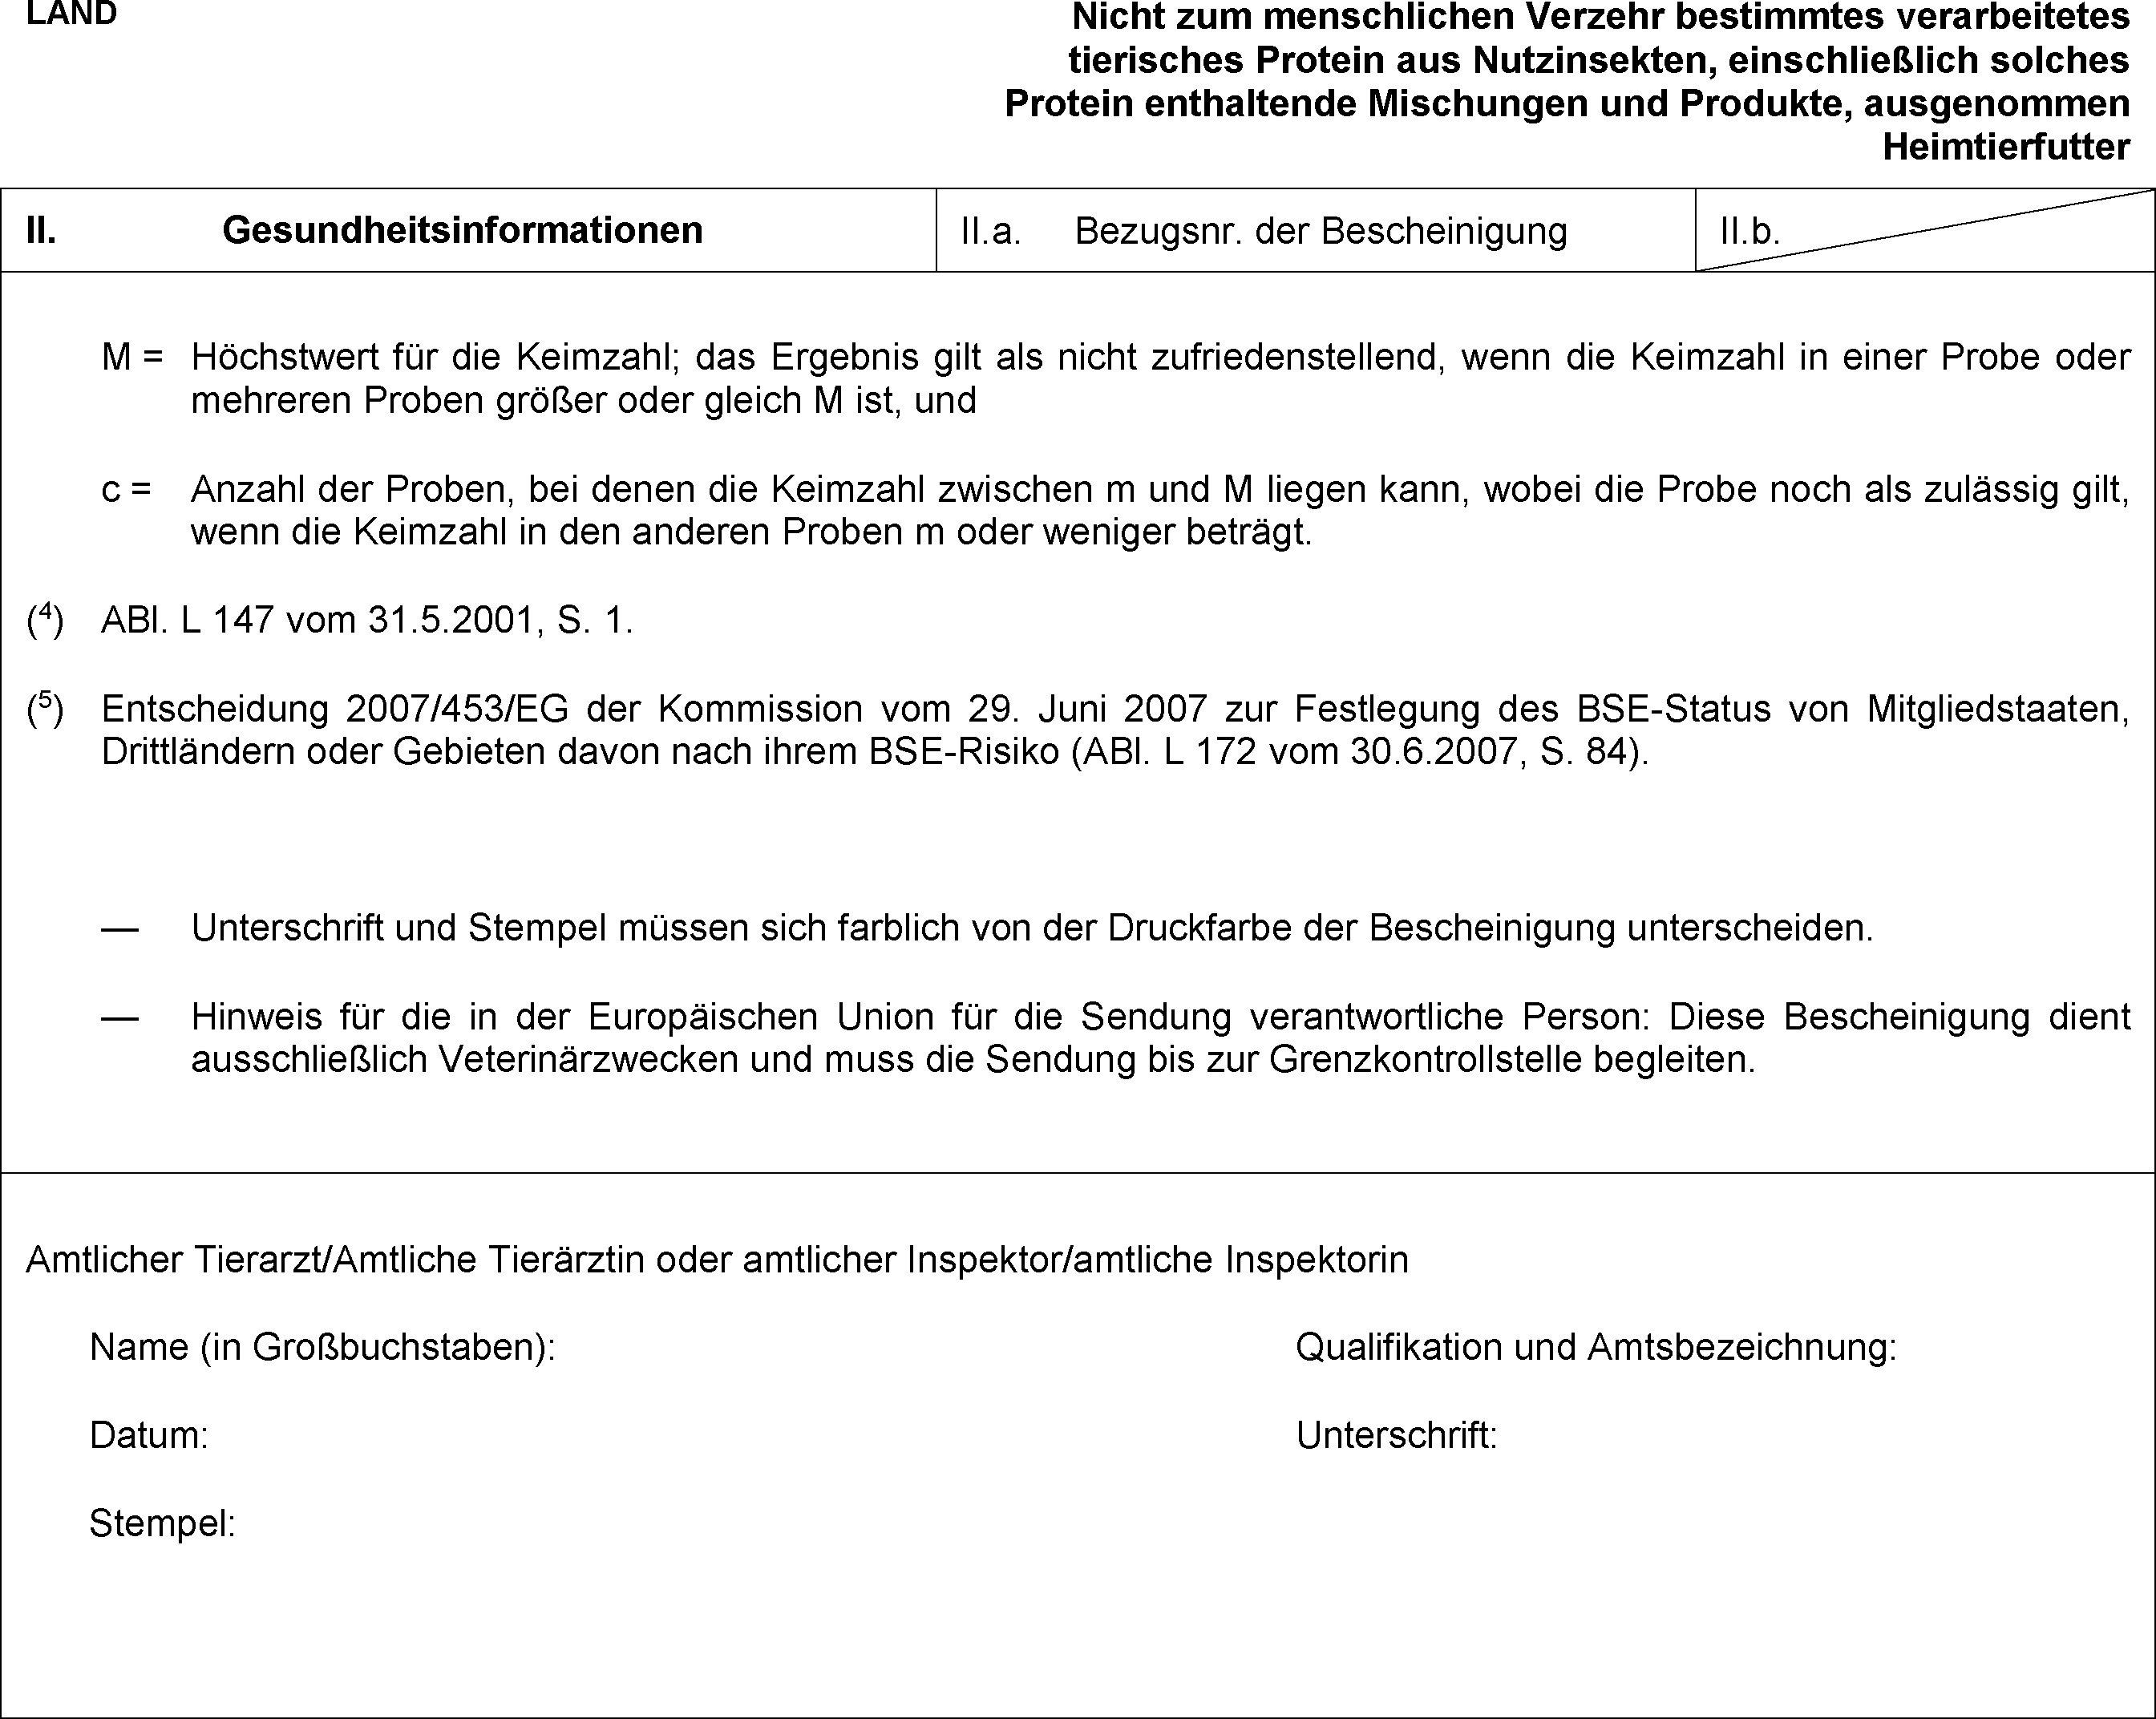 Groß Ereigniskoordinator Wiederaufnahme Proben Bilder - Entry Level ...